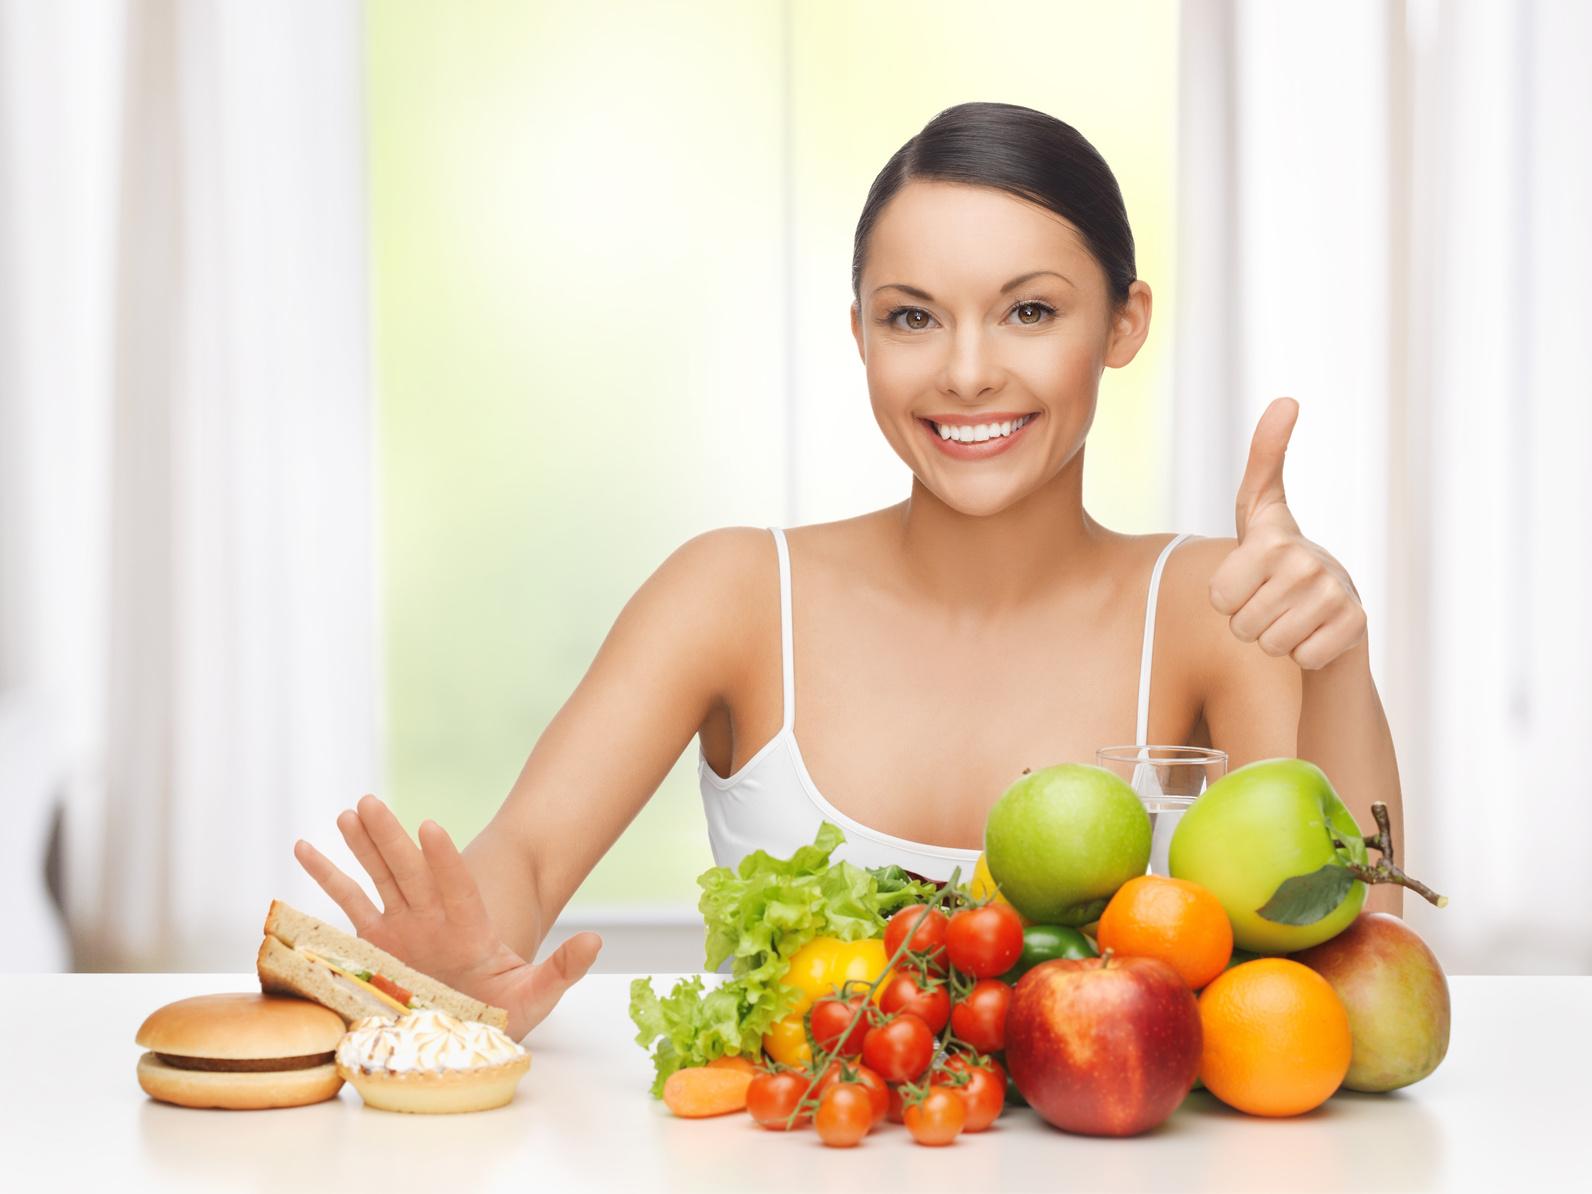 Златни правила на здравословния живот (част 2): Ограничаване на вредните навици